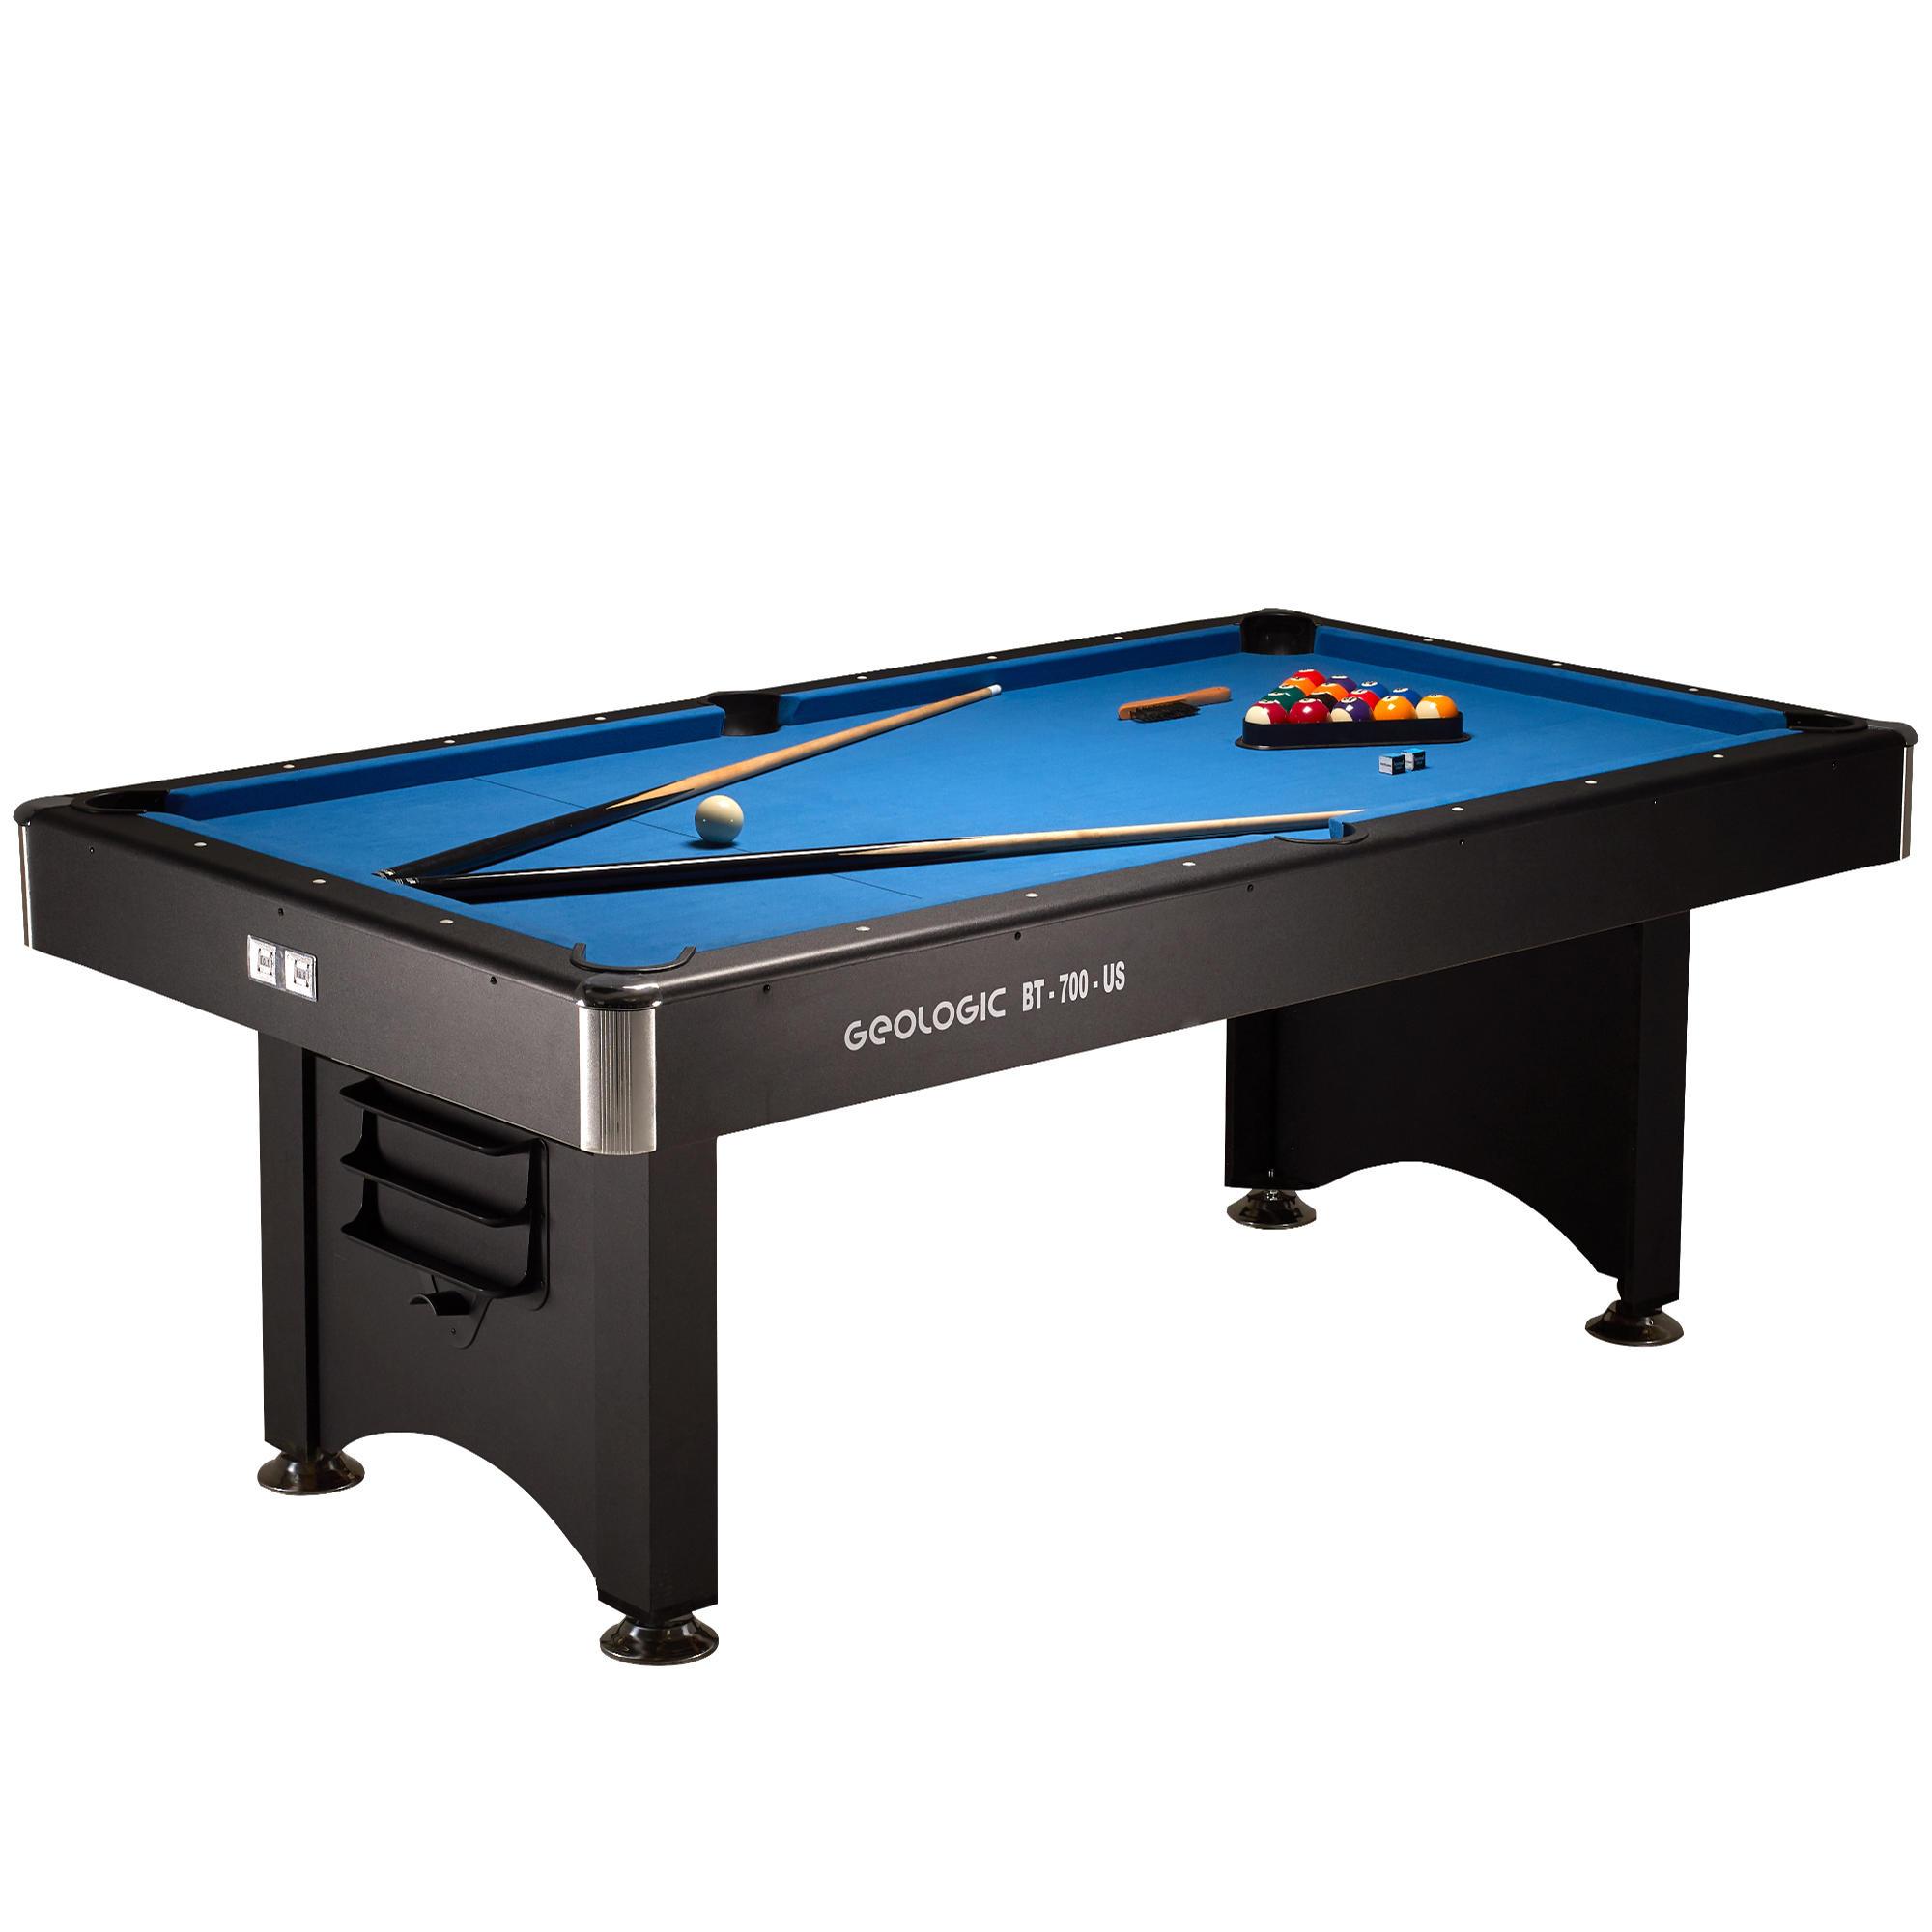 pool table bt 700 us